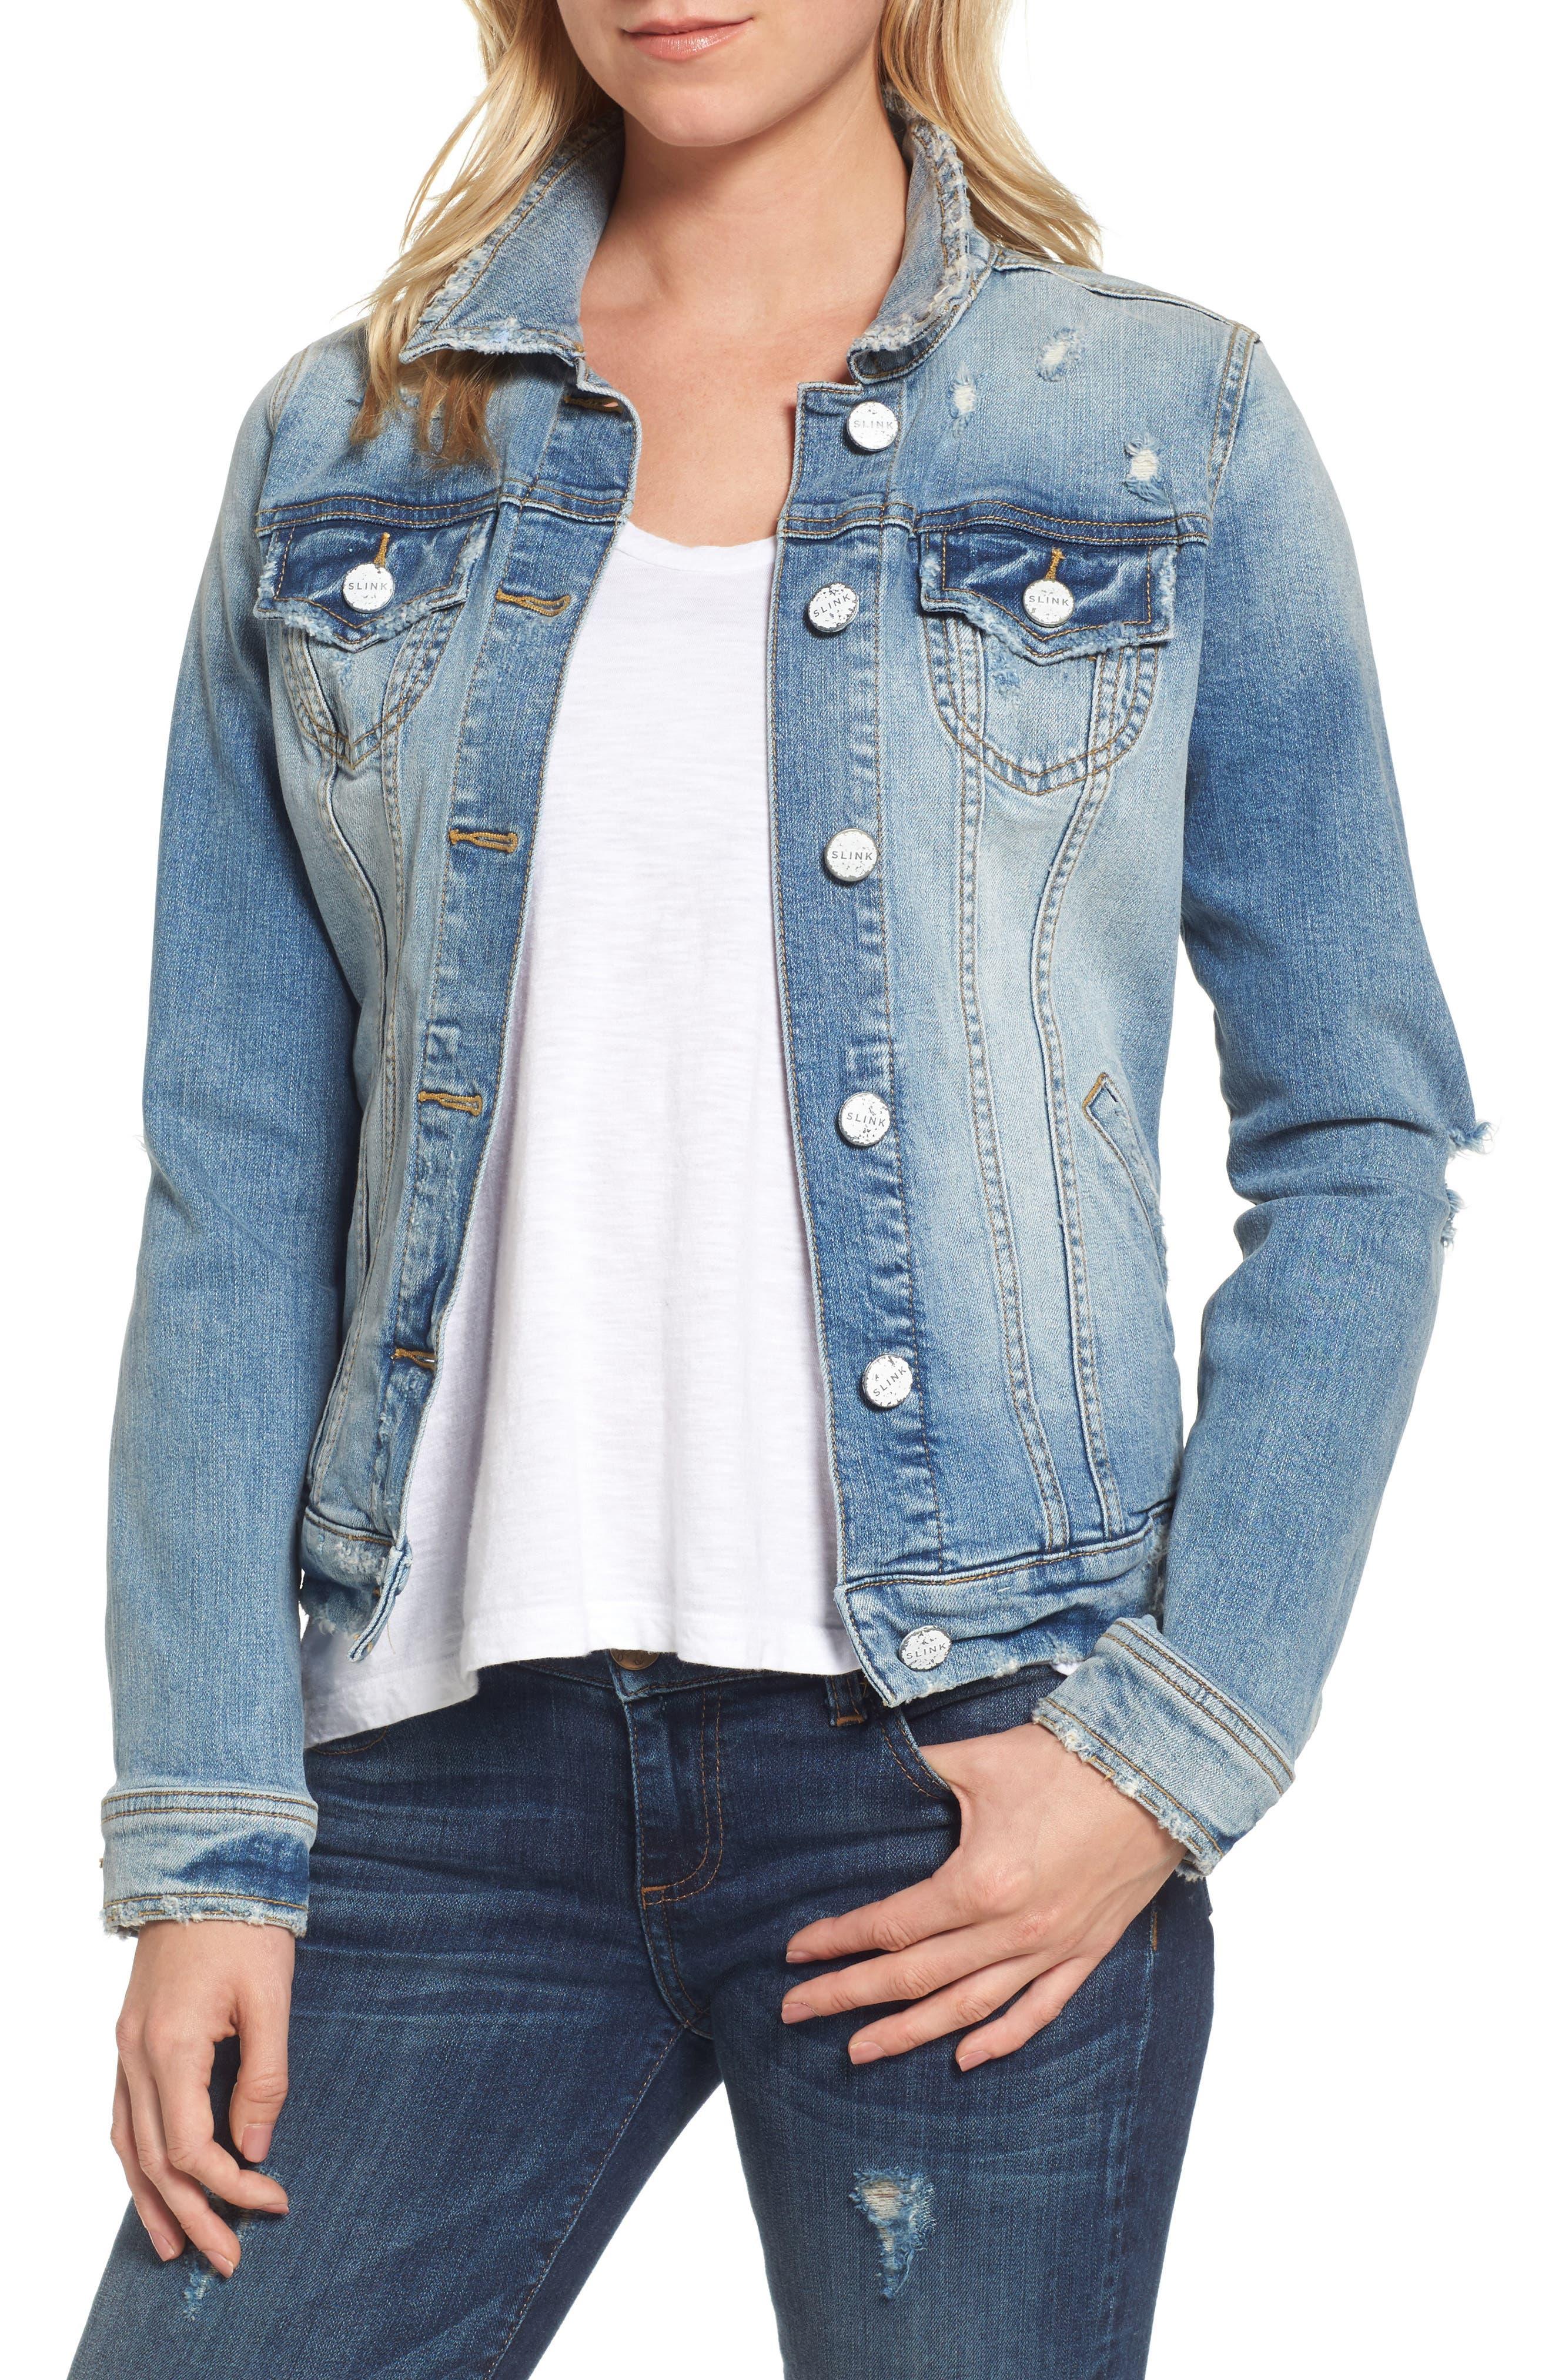 SLINK Jeans Distressed Denim Jacket